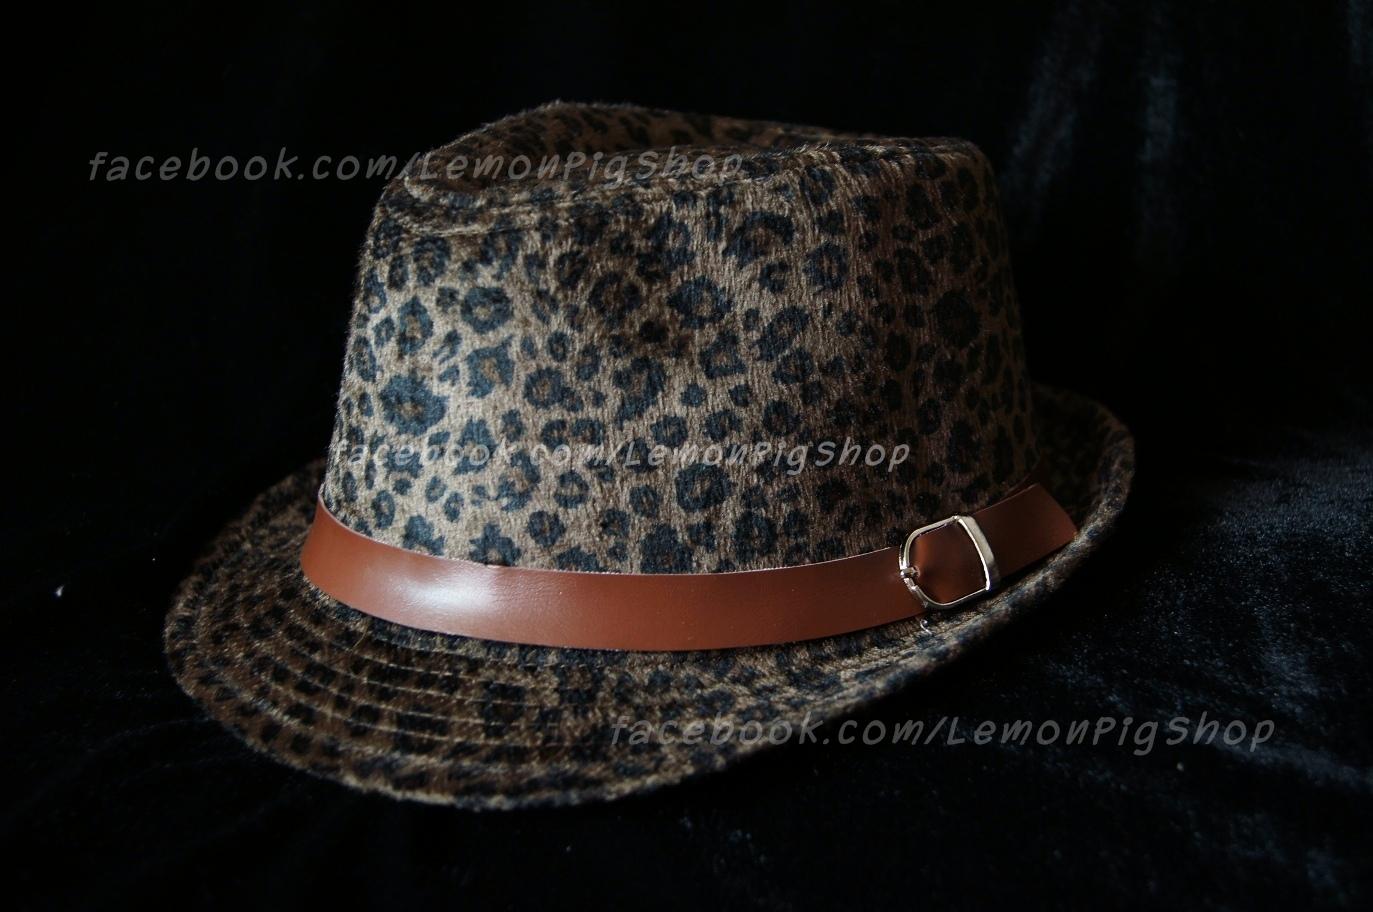 หมวกทรงไมเคิล ลายเสือดาว สุดเท่ห์ !!!